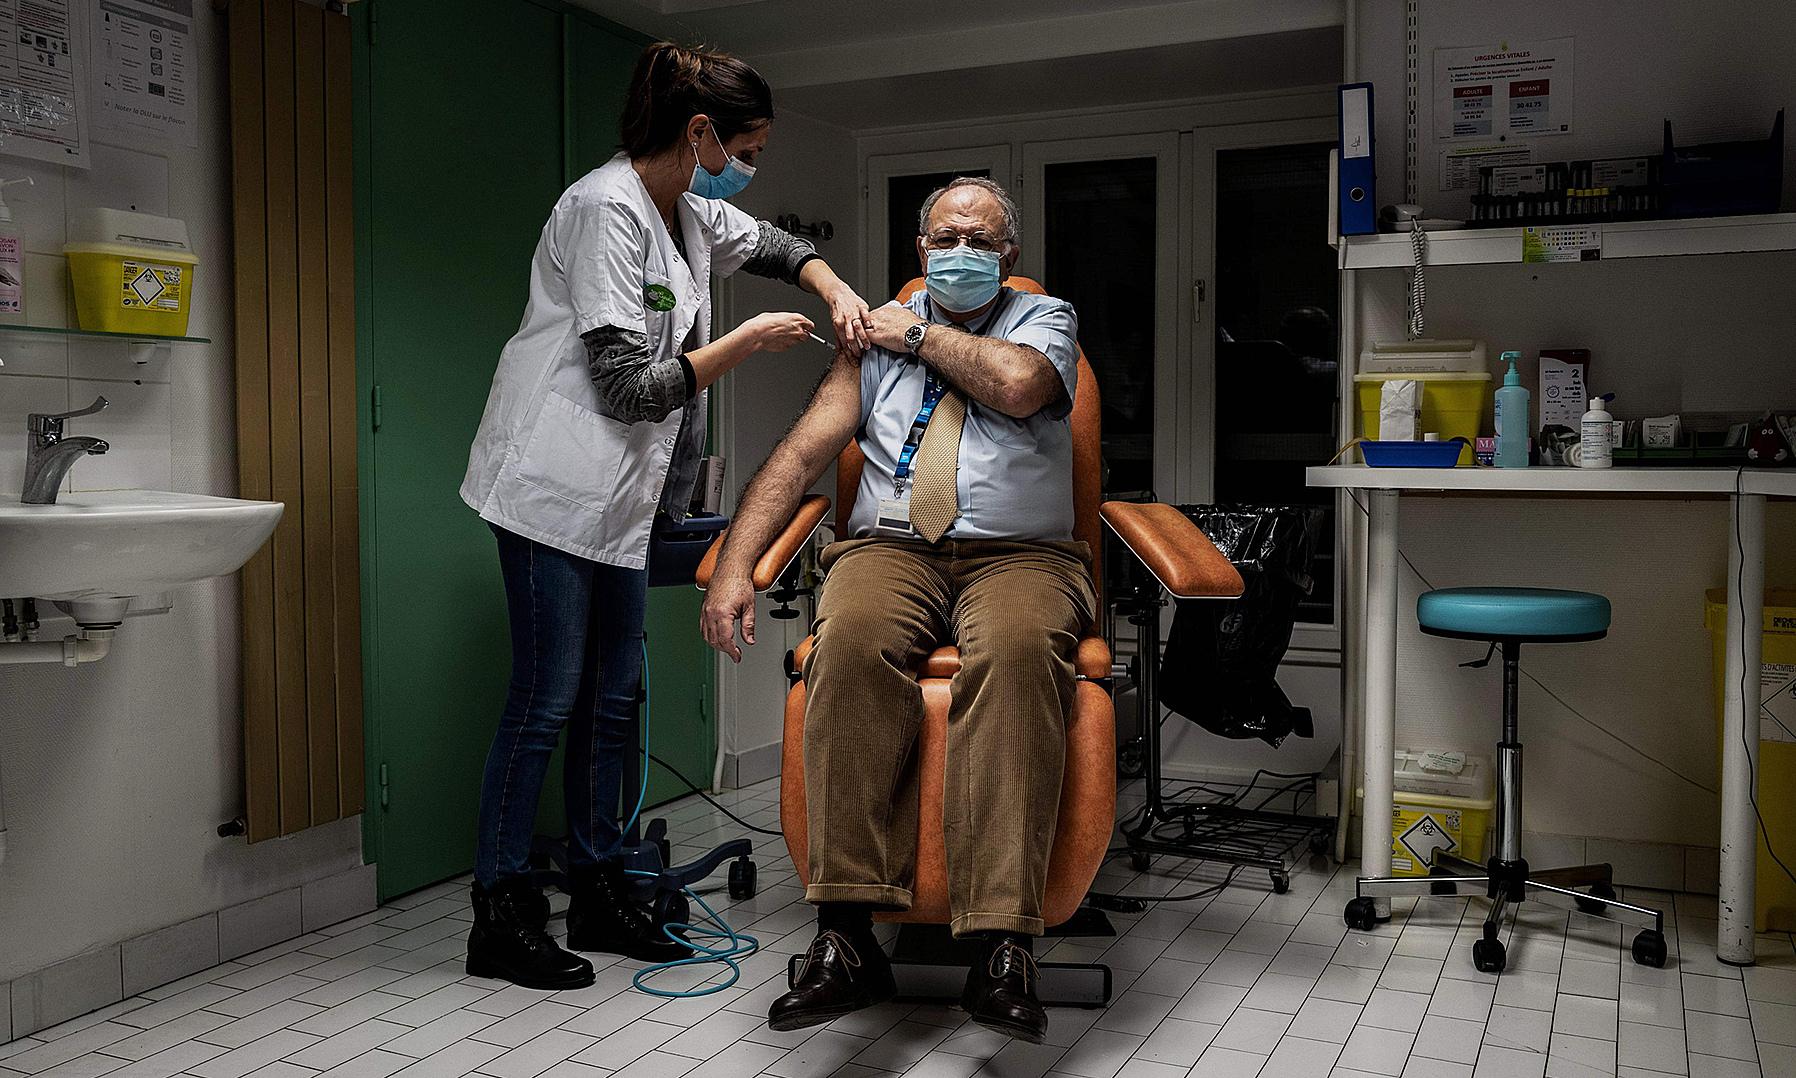 Bác sĩ tại Bệnh viện Croix Rousse, Lyon, Pháp được tiêm vaccine Covid-19 vào ngày 6/1. Ảnh: AFP.